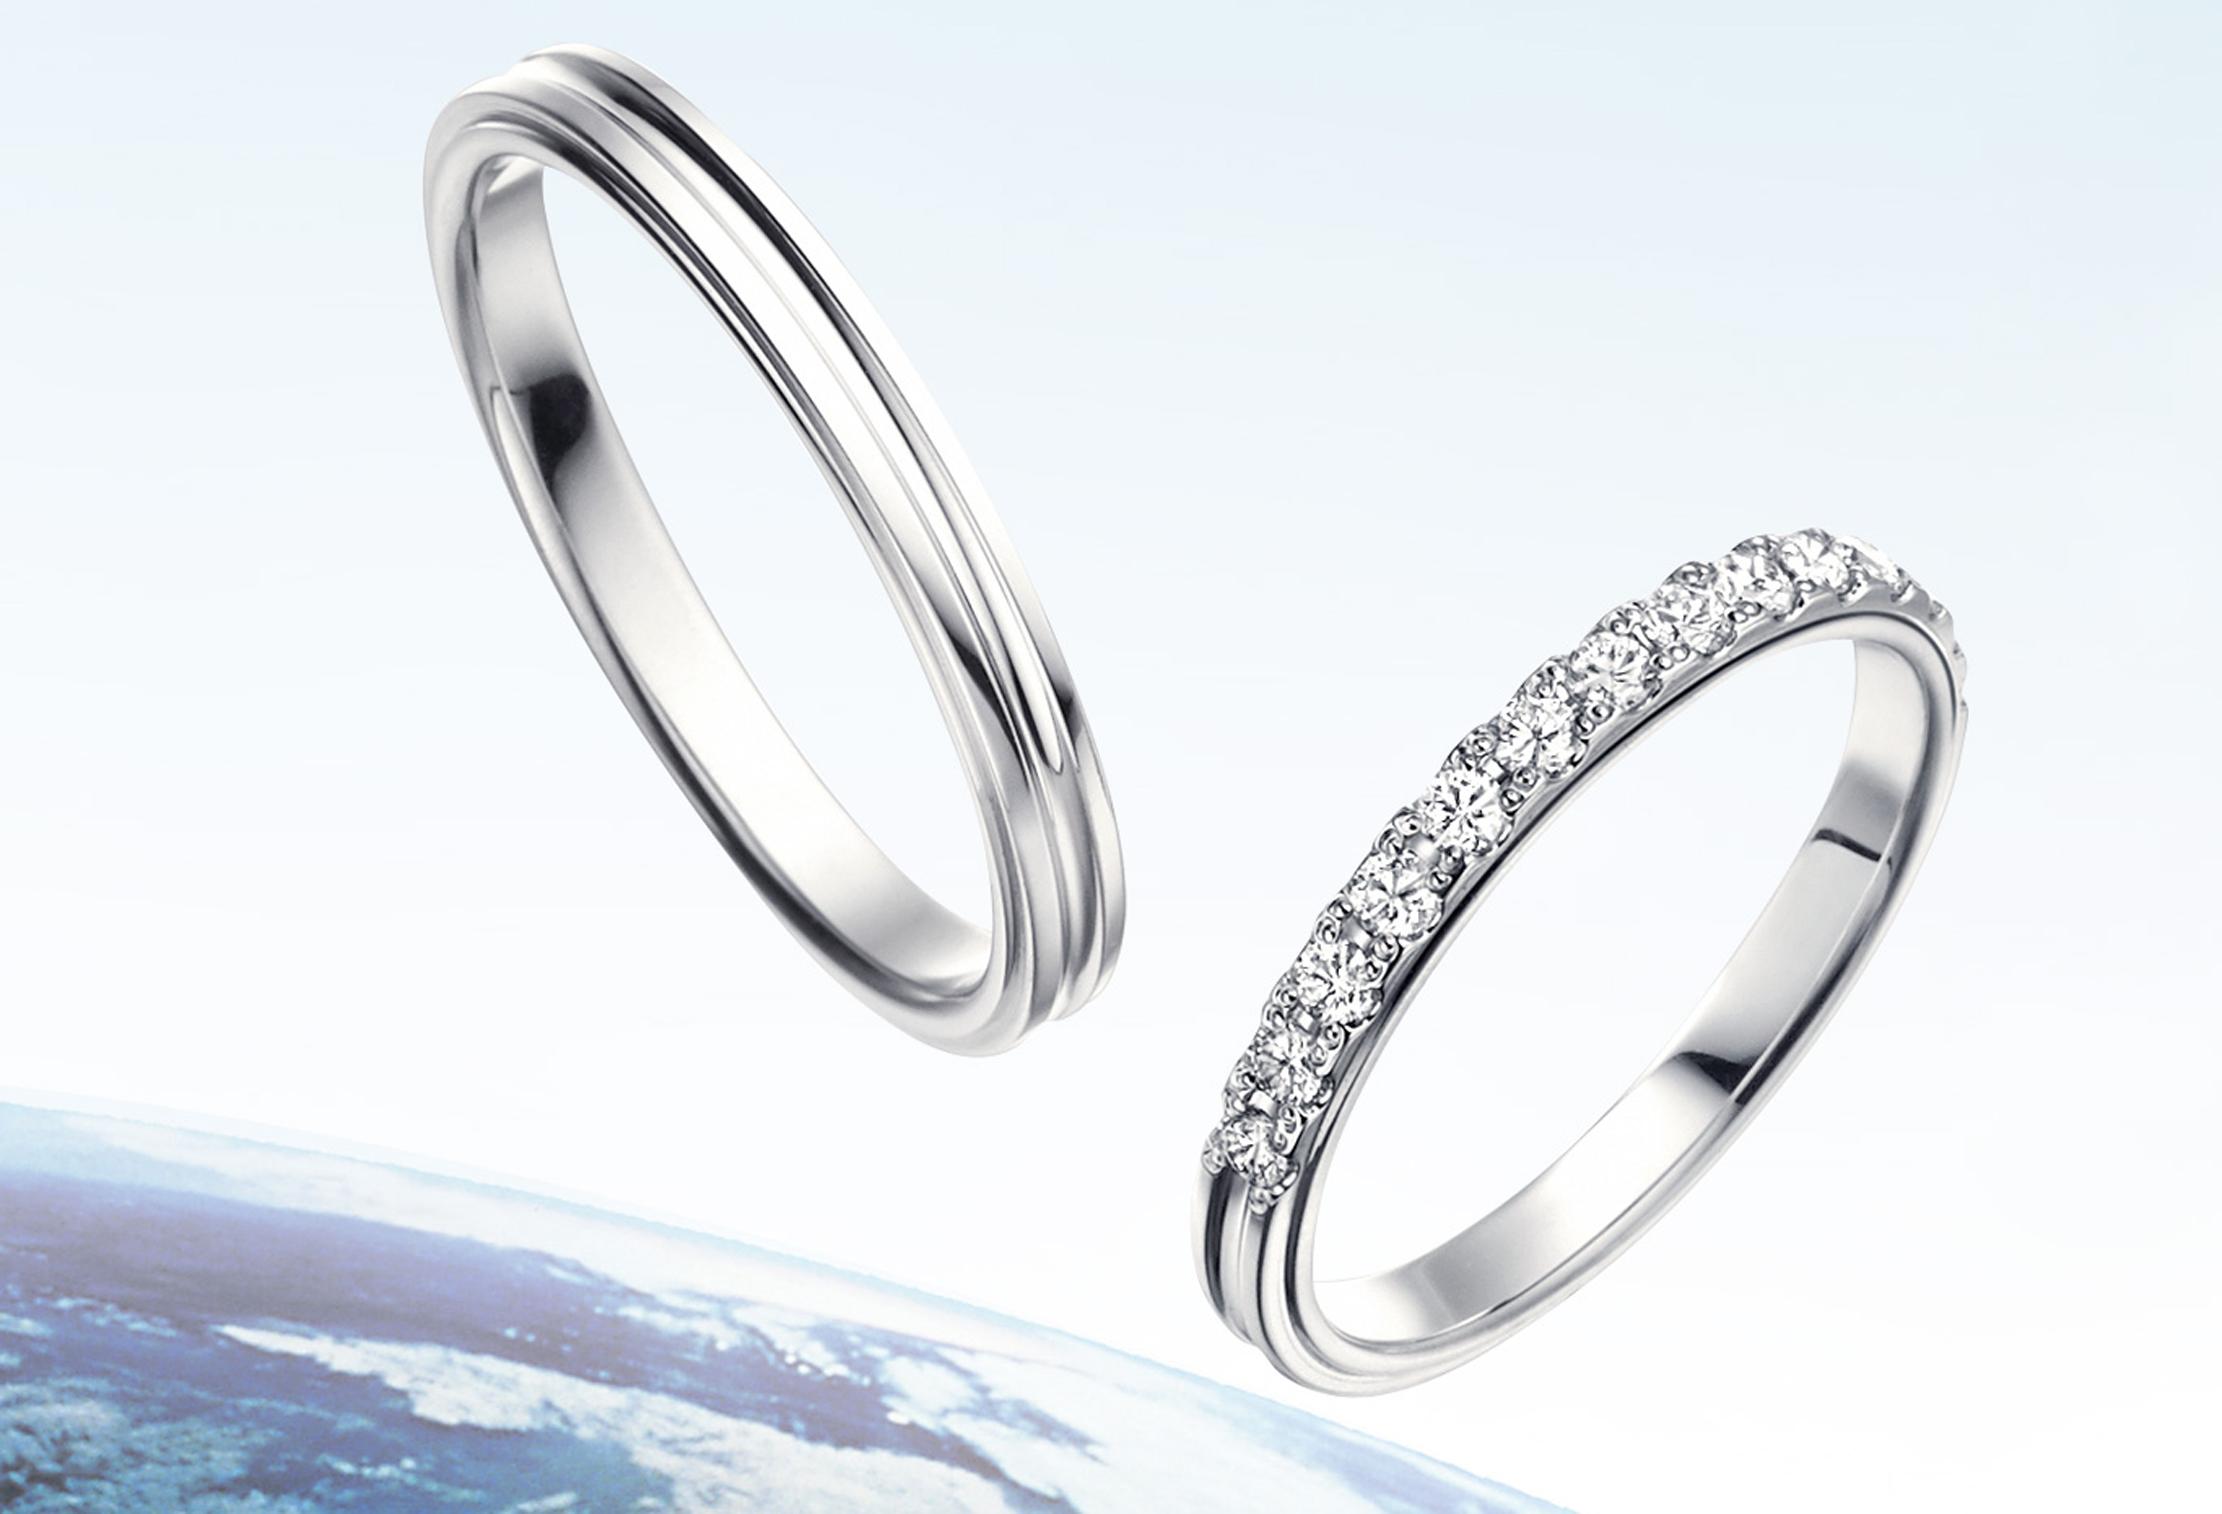 静岡 アイスブルーダイアモンドが輝く結婚指輪-TOWAIYOU(トワイユ)-